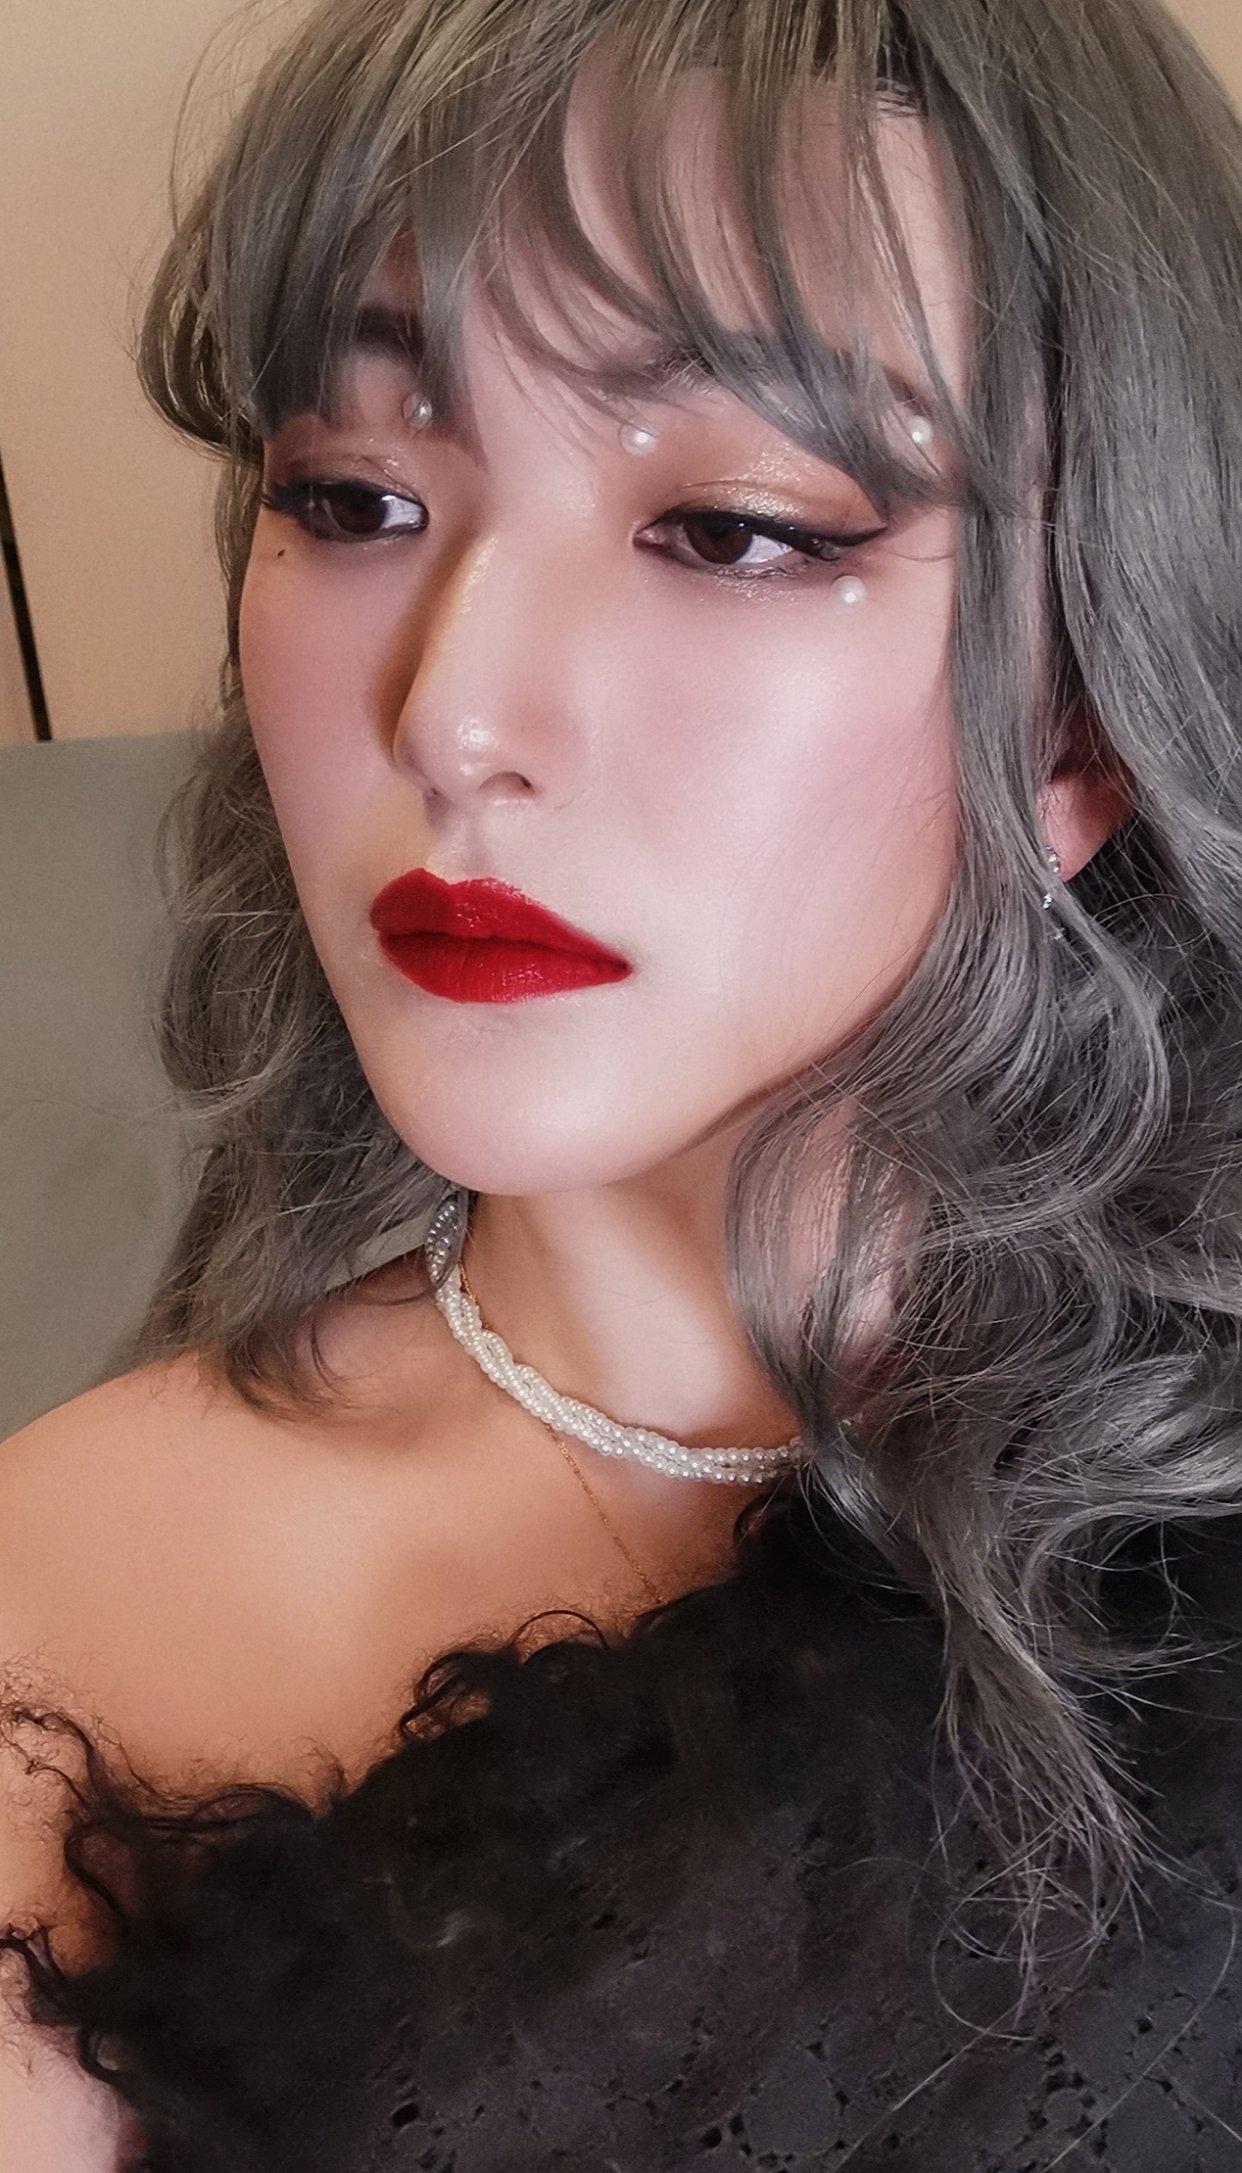 仿女神妆:终于get到了她的颜!